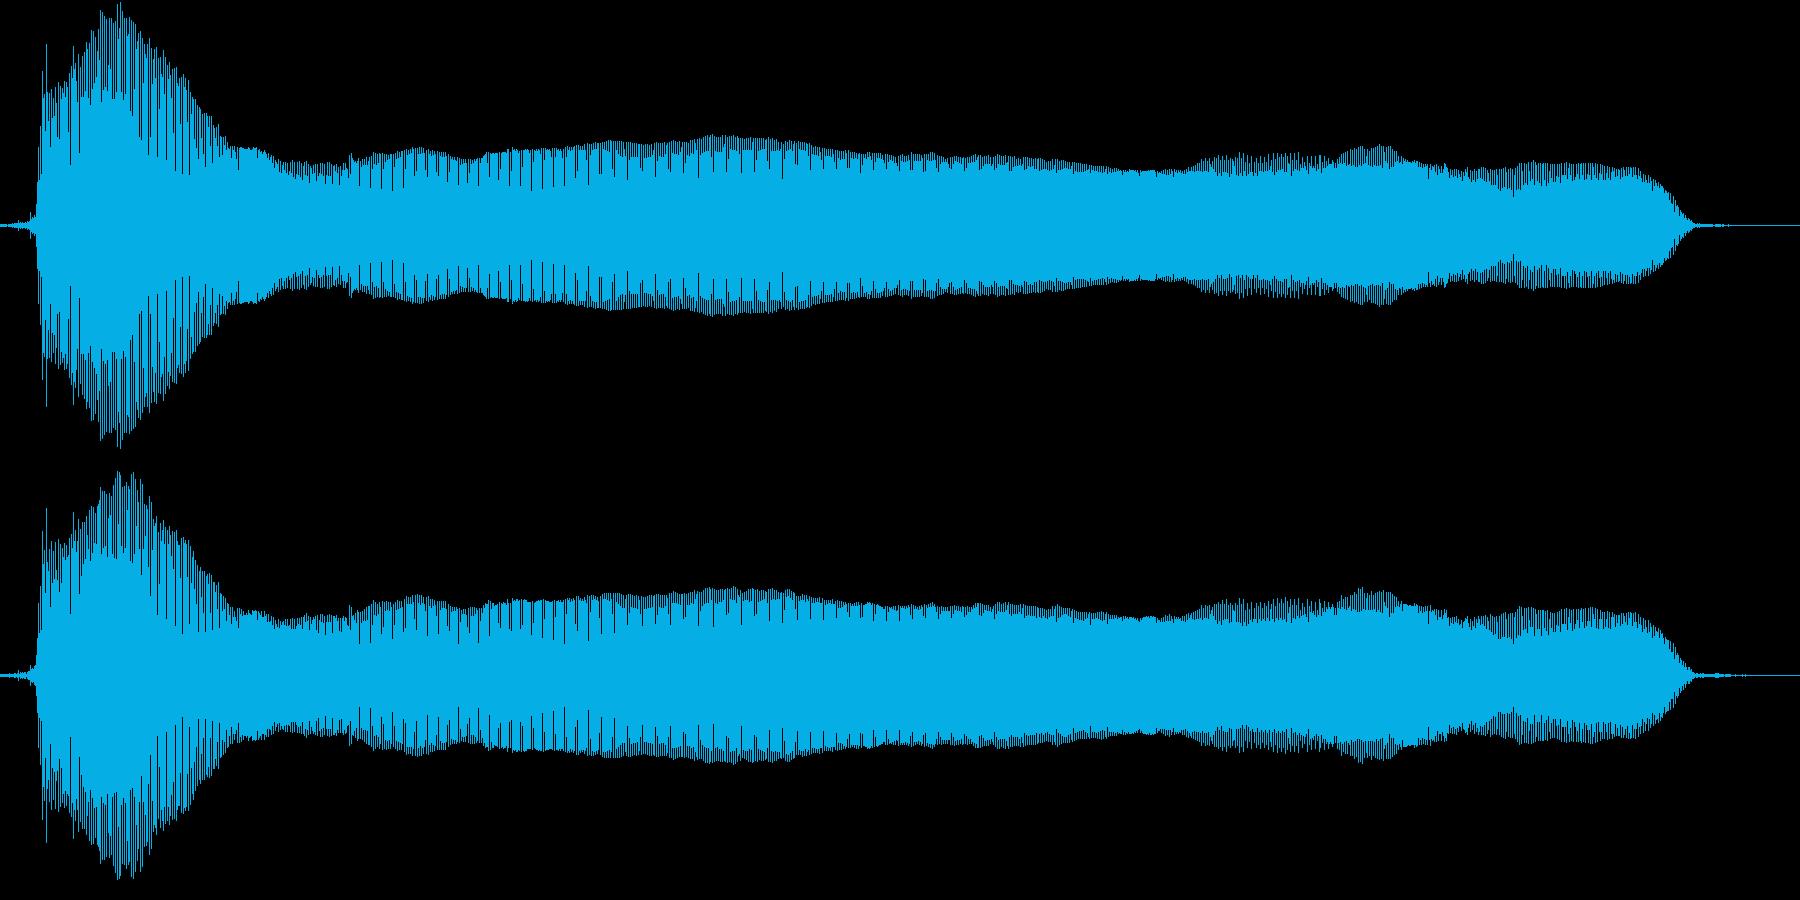 猫の鳴き声(甘えるような声 テイク2)の再生済みの波形